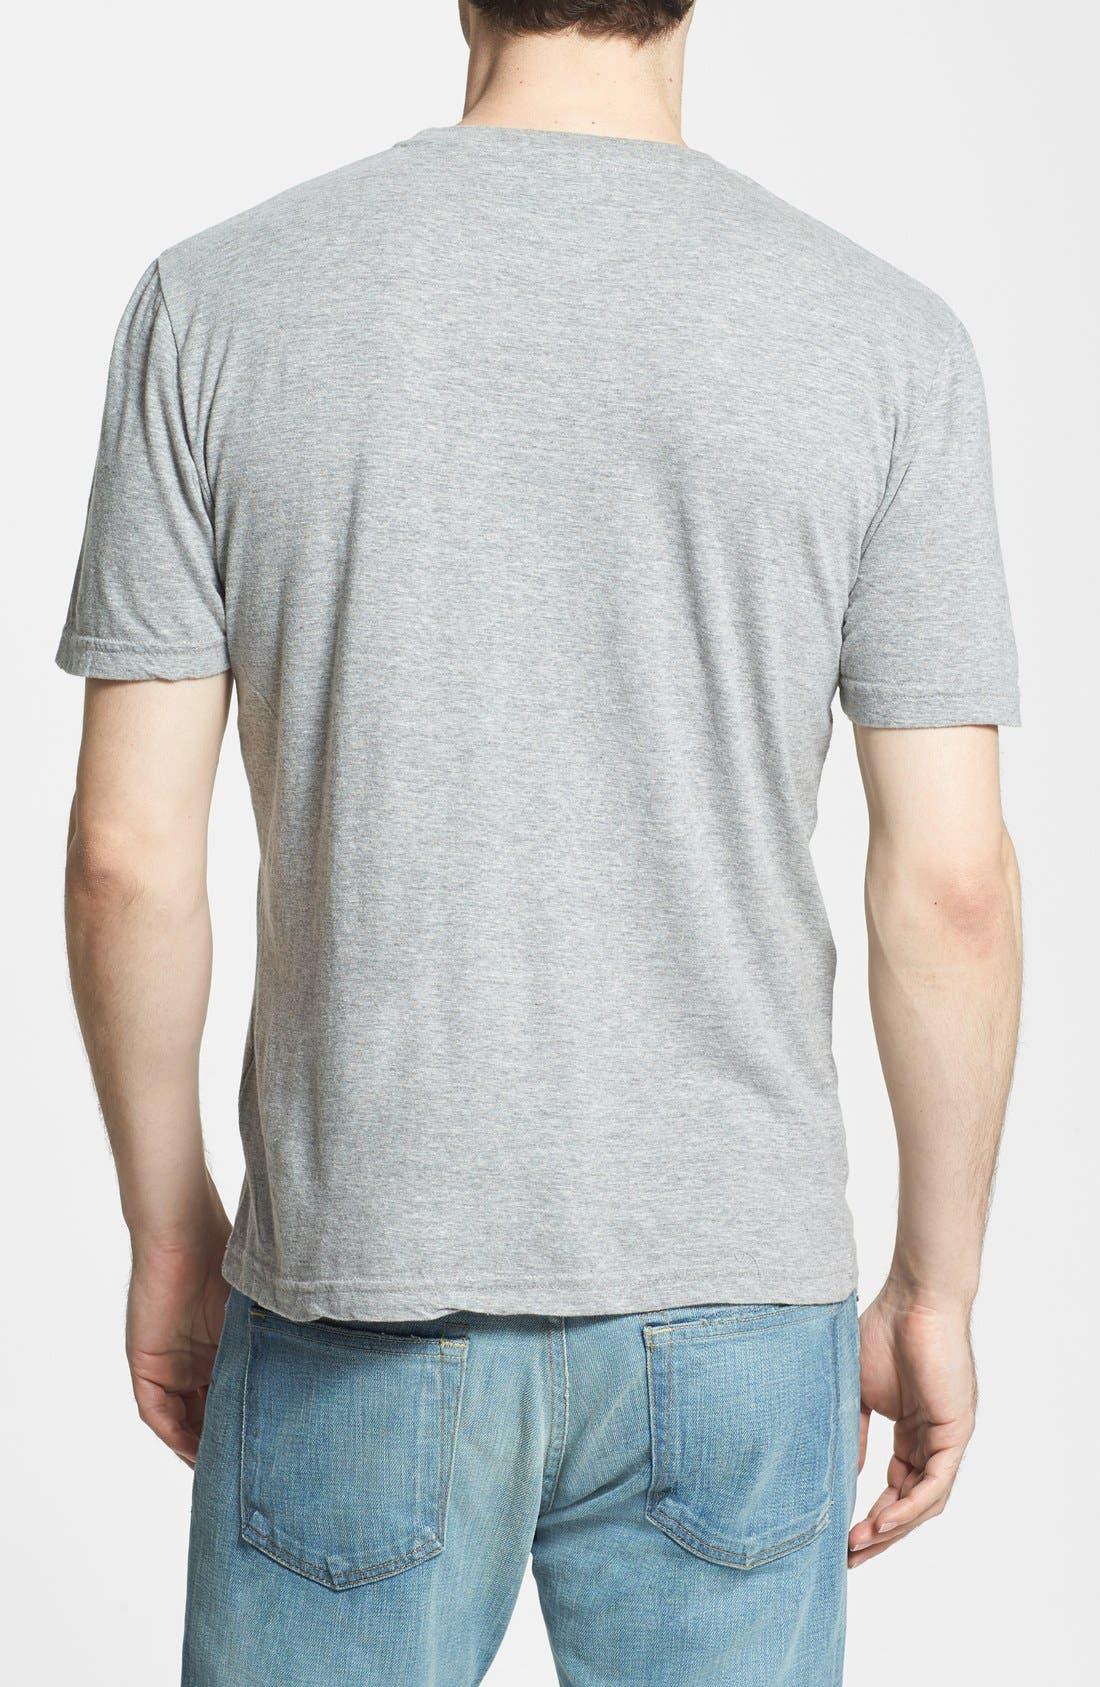 Alternate Image 2  - Red Jacket 'Penguins - Brass Tack' T-Shirt (Men)